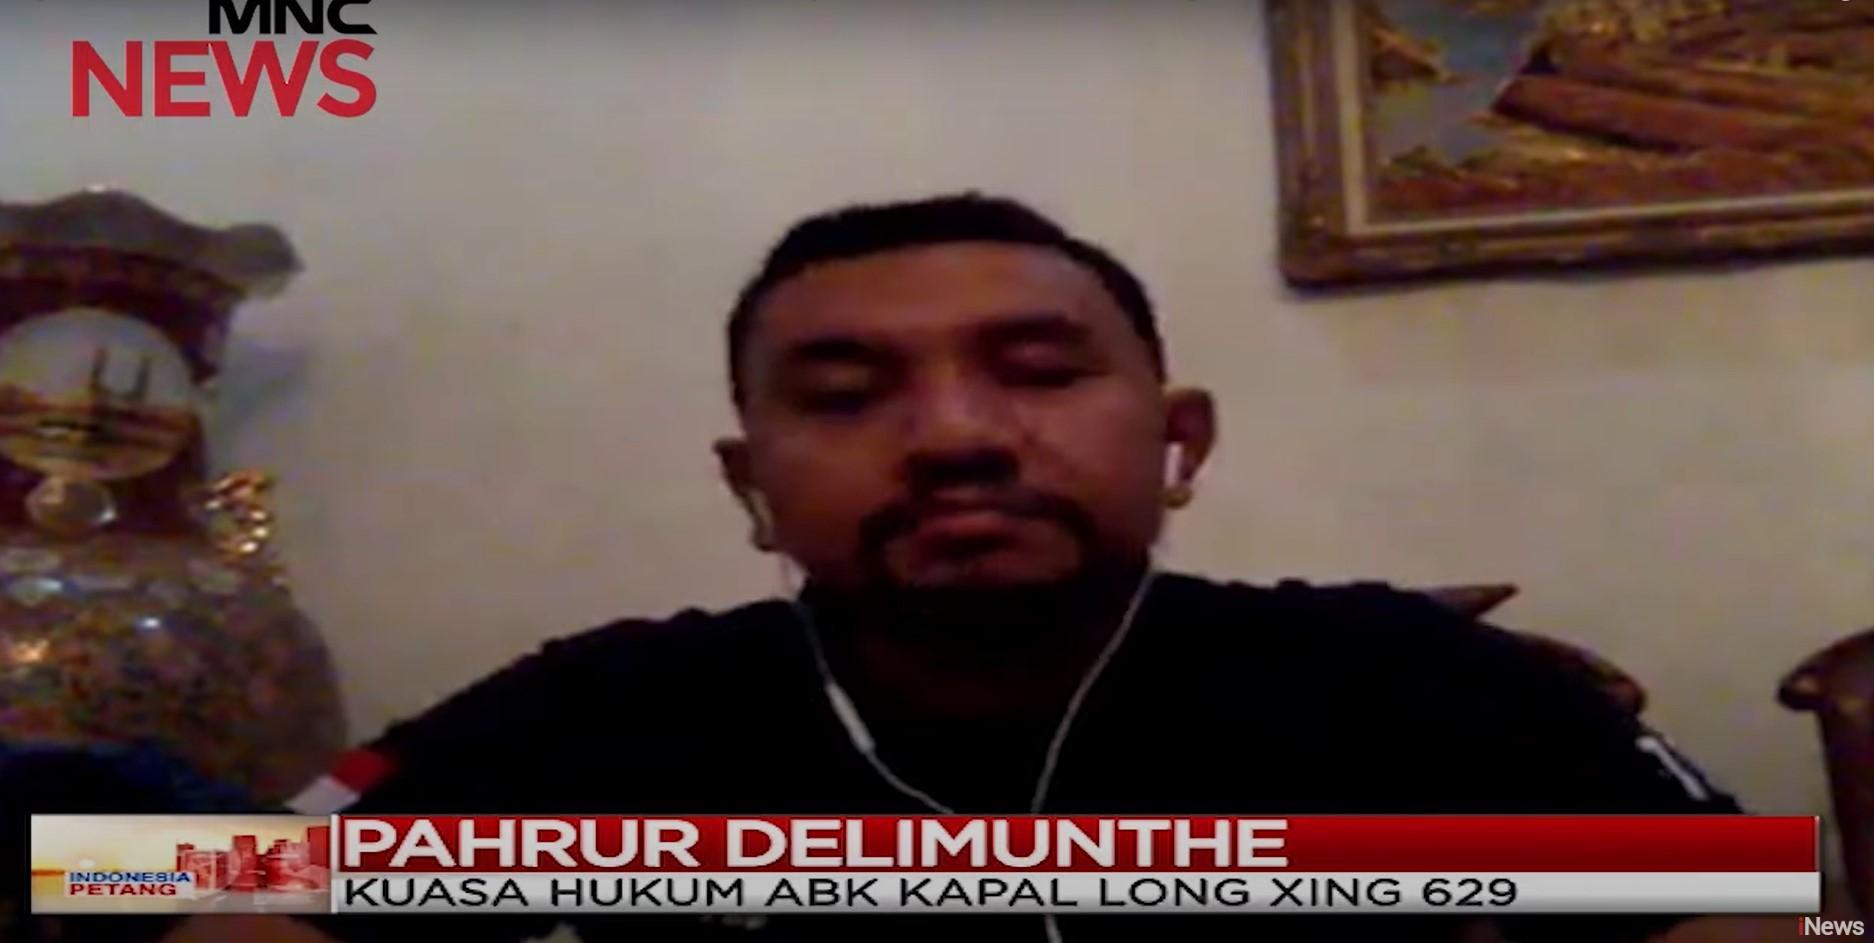 Kerja Ekstrem dan Diskriminasi ABK Indonesia di Atas Kapal Cina